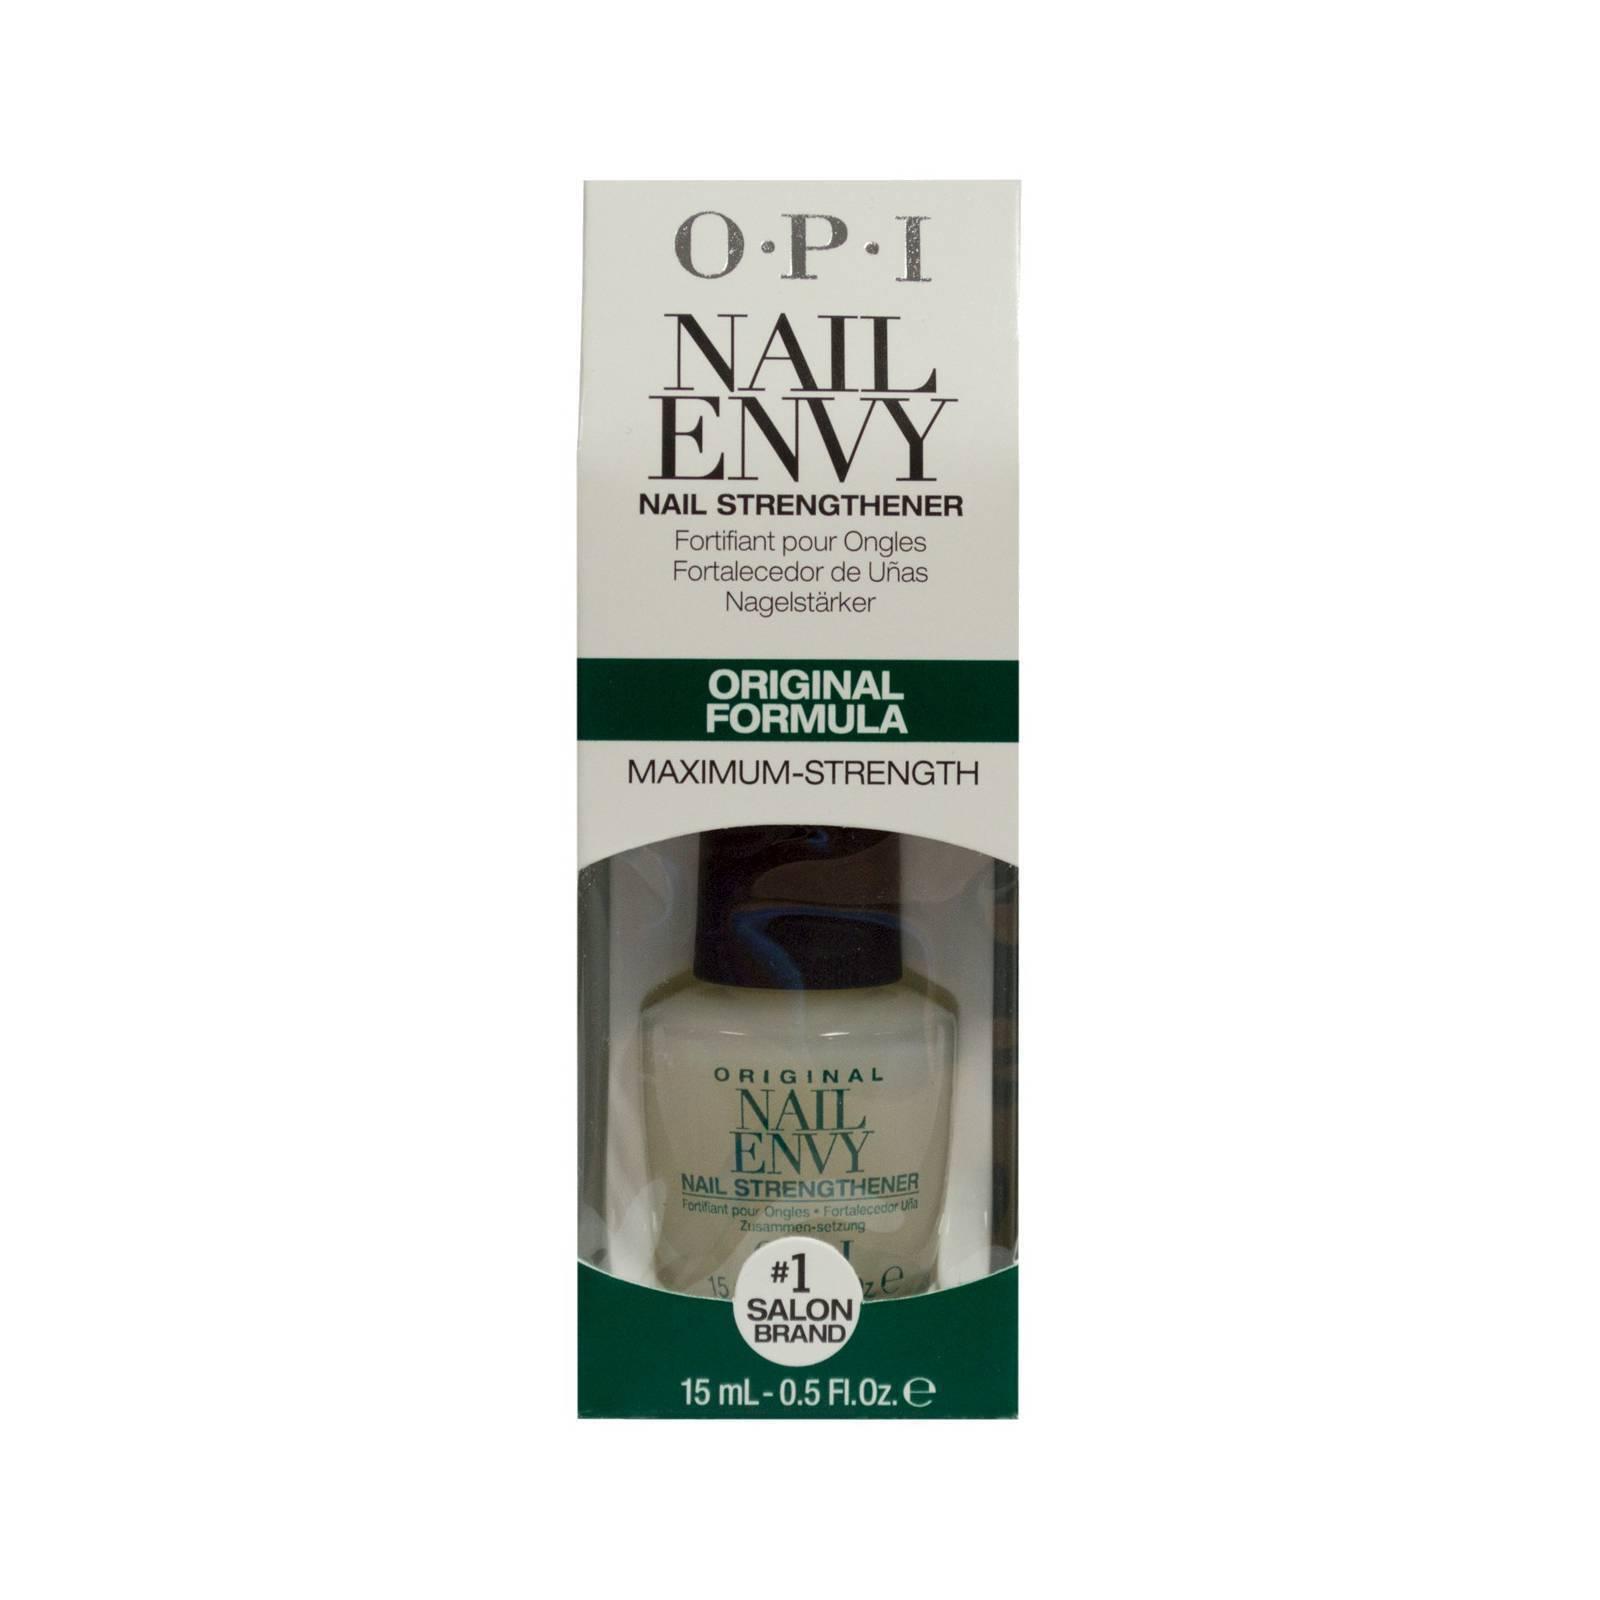 OPI Nail Envy Strengthener Original 15ml | eBay